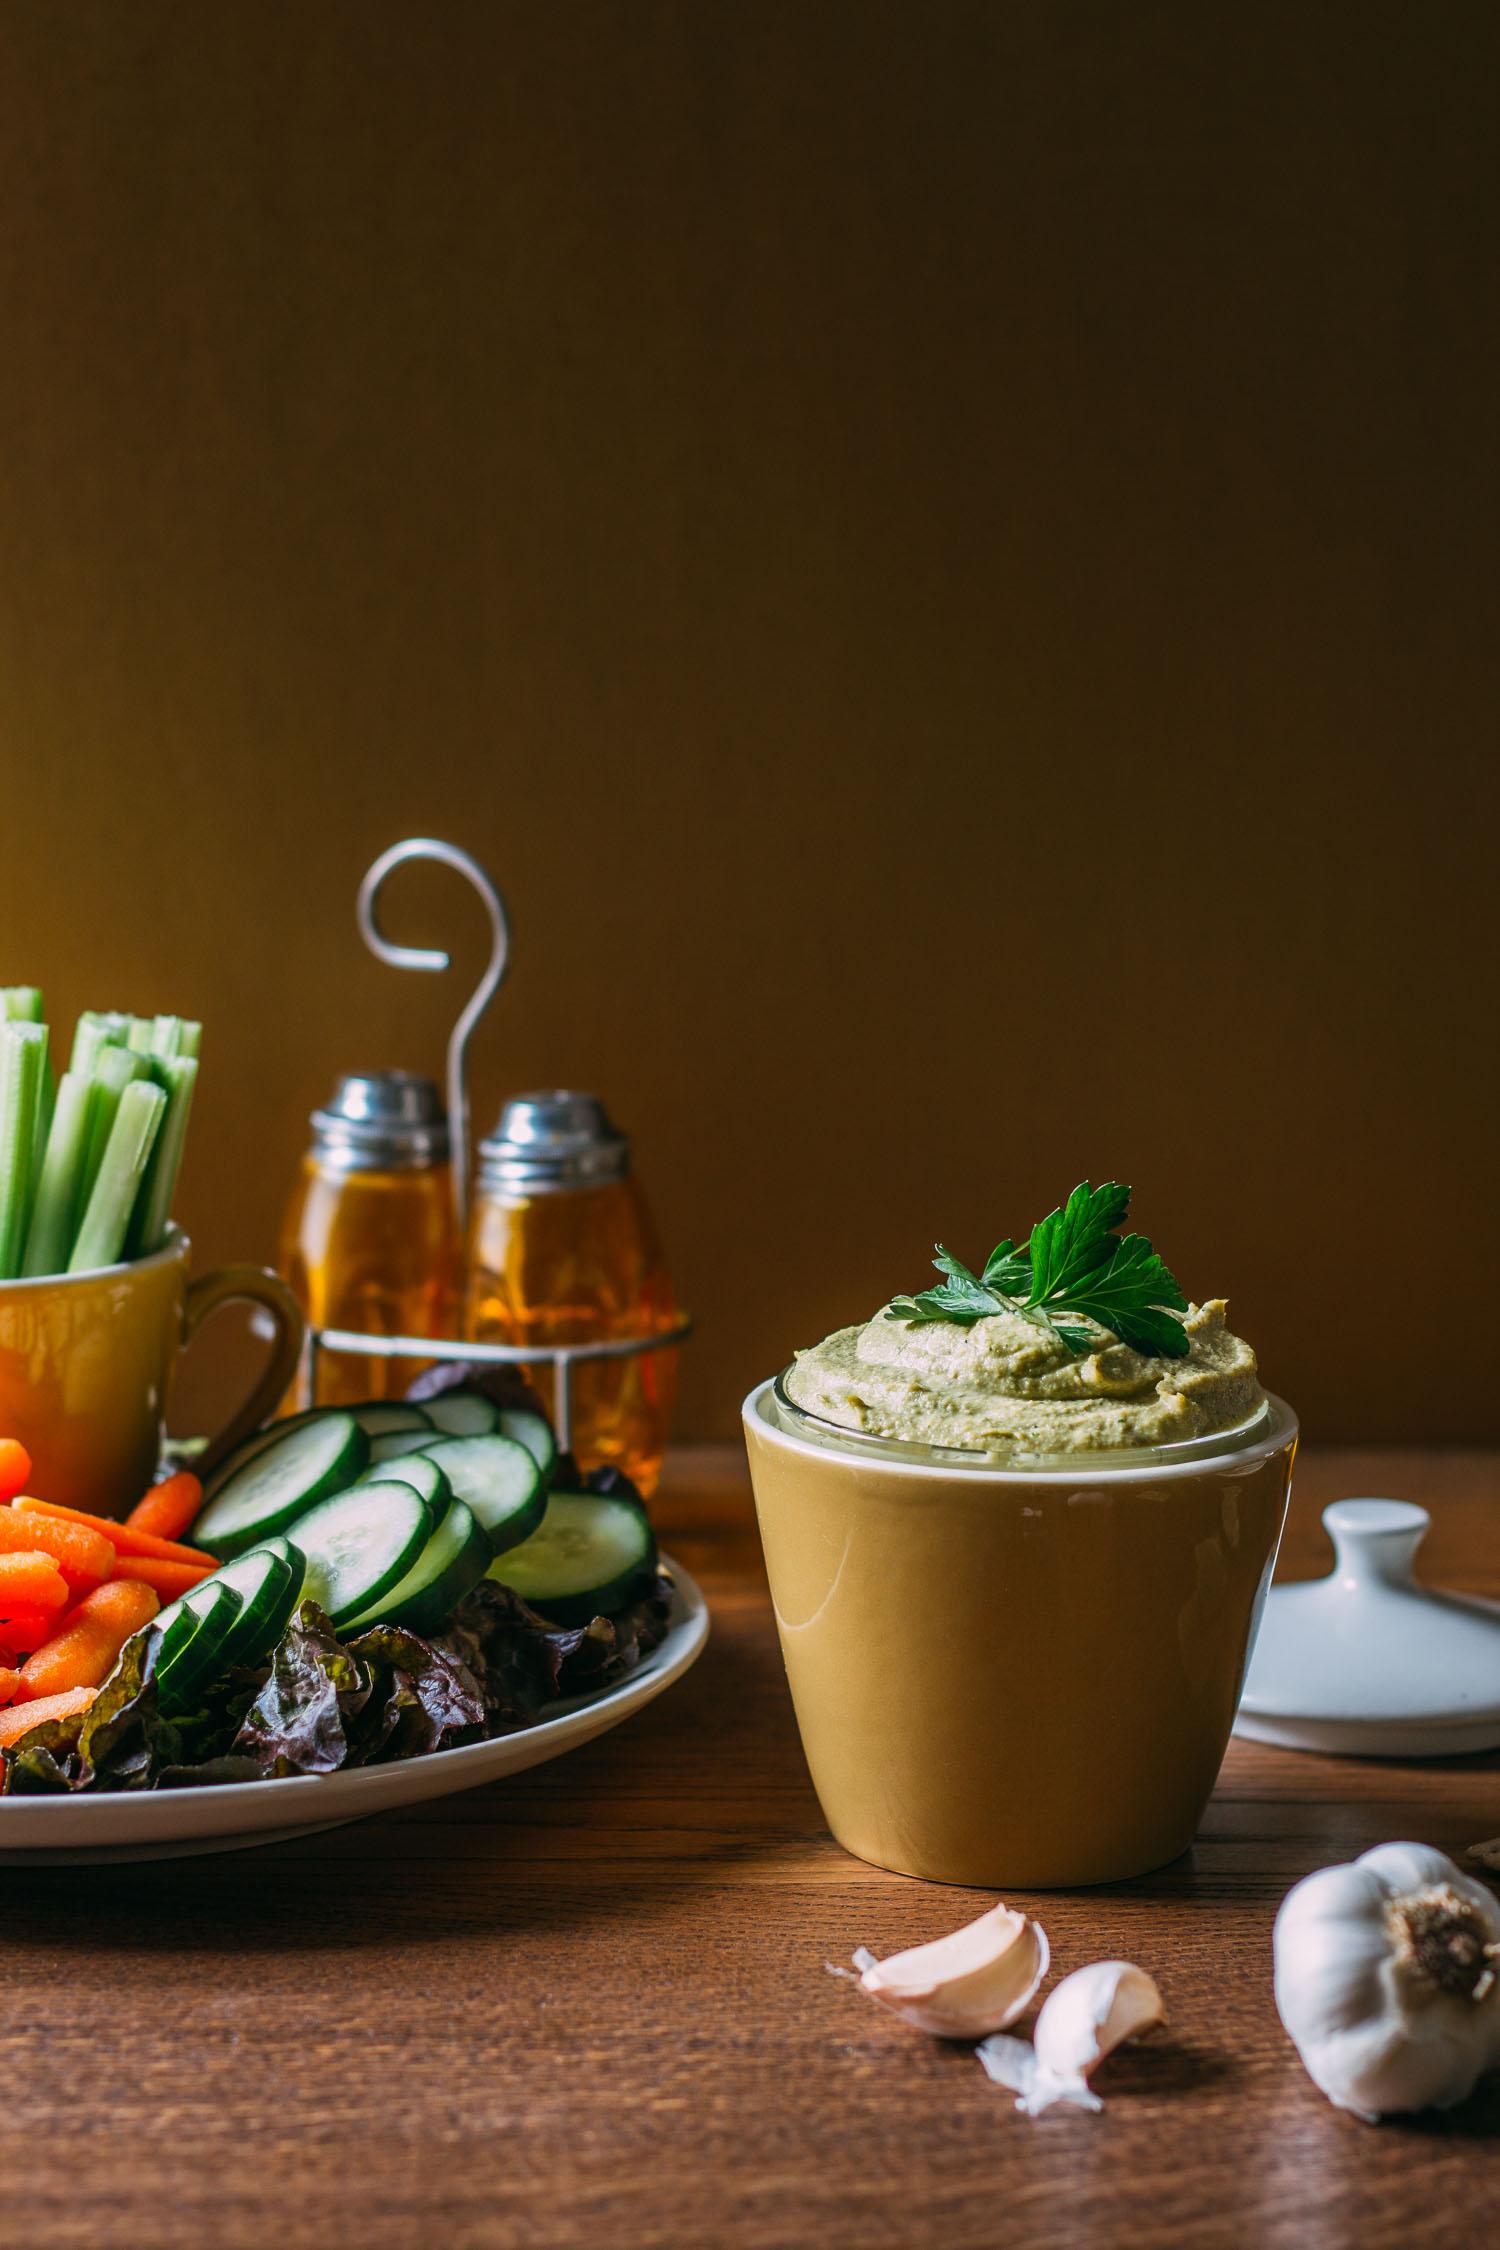 Parsley & Thyme Cashew Cream Cheese #non-dairy #vegan #cashews #thyme #wfpbno